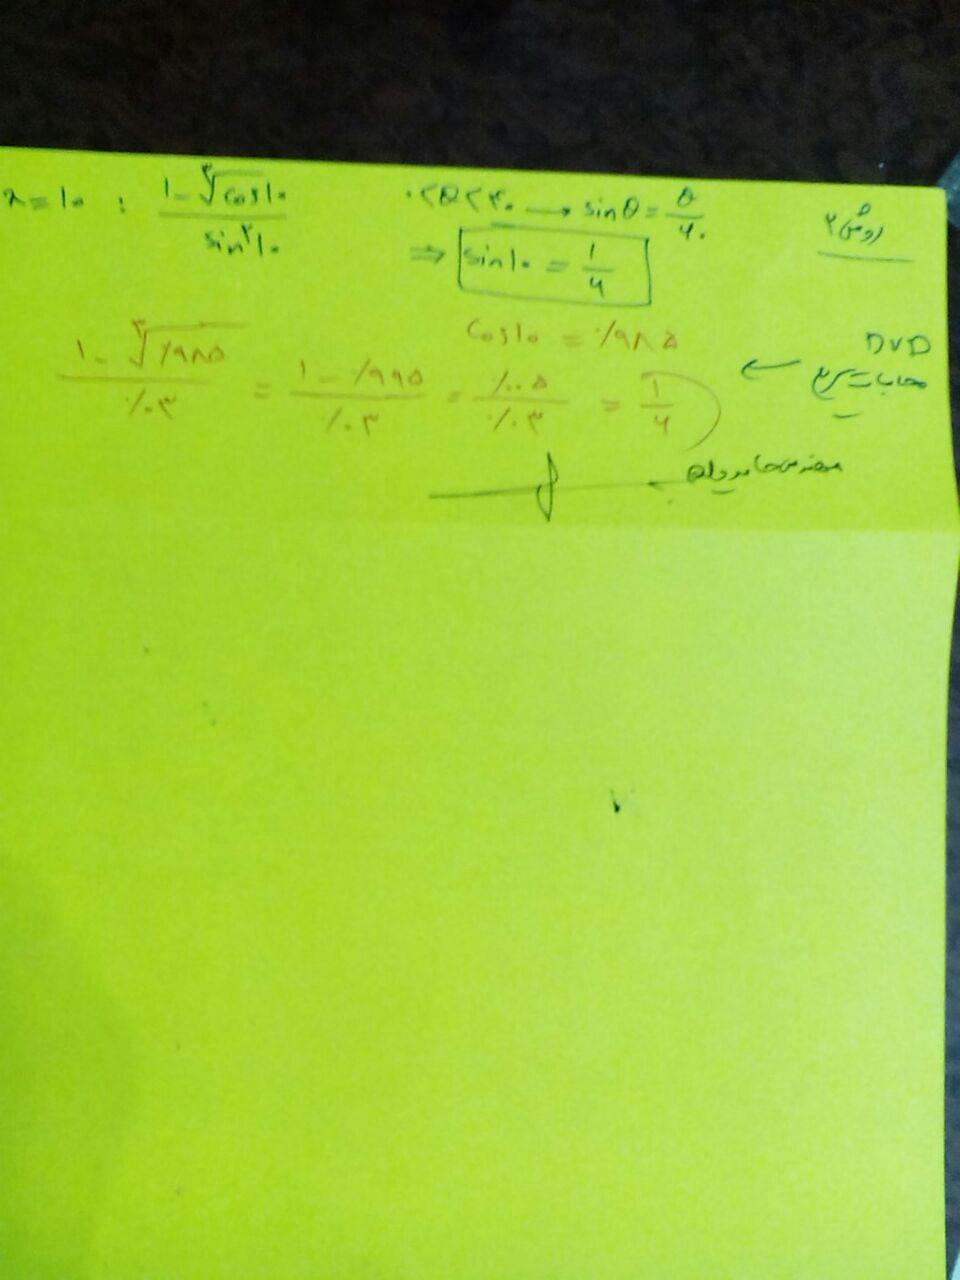 حل تکنیکی تست حدمثلثاتی آزمون 9 مهر 95 کانون